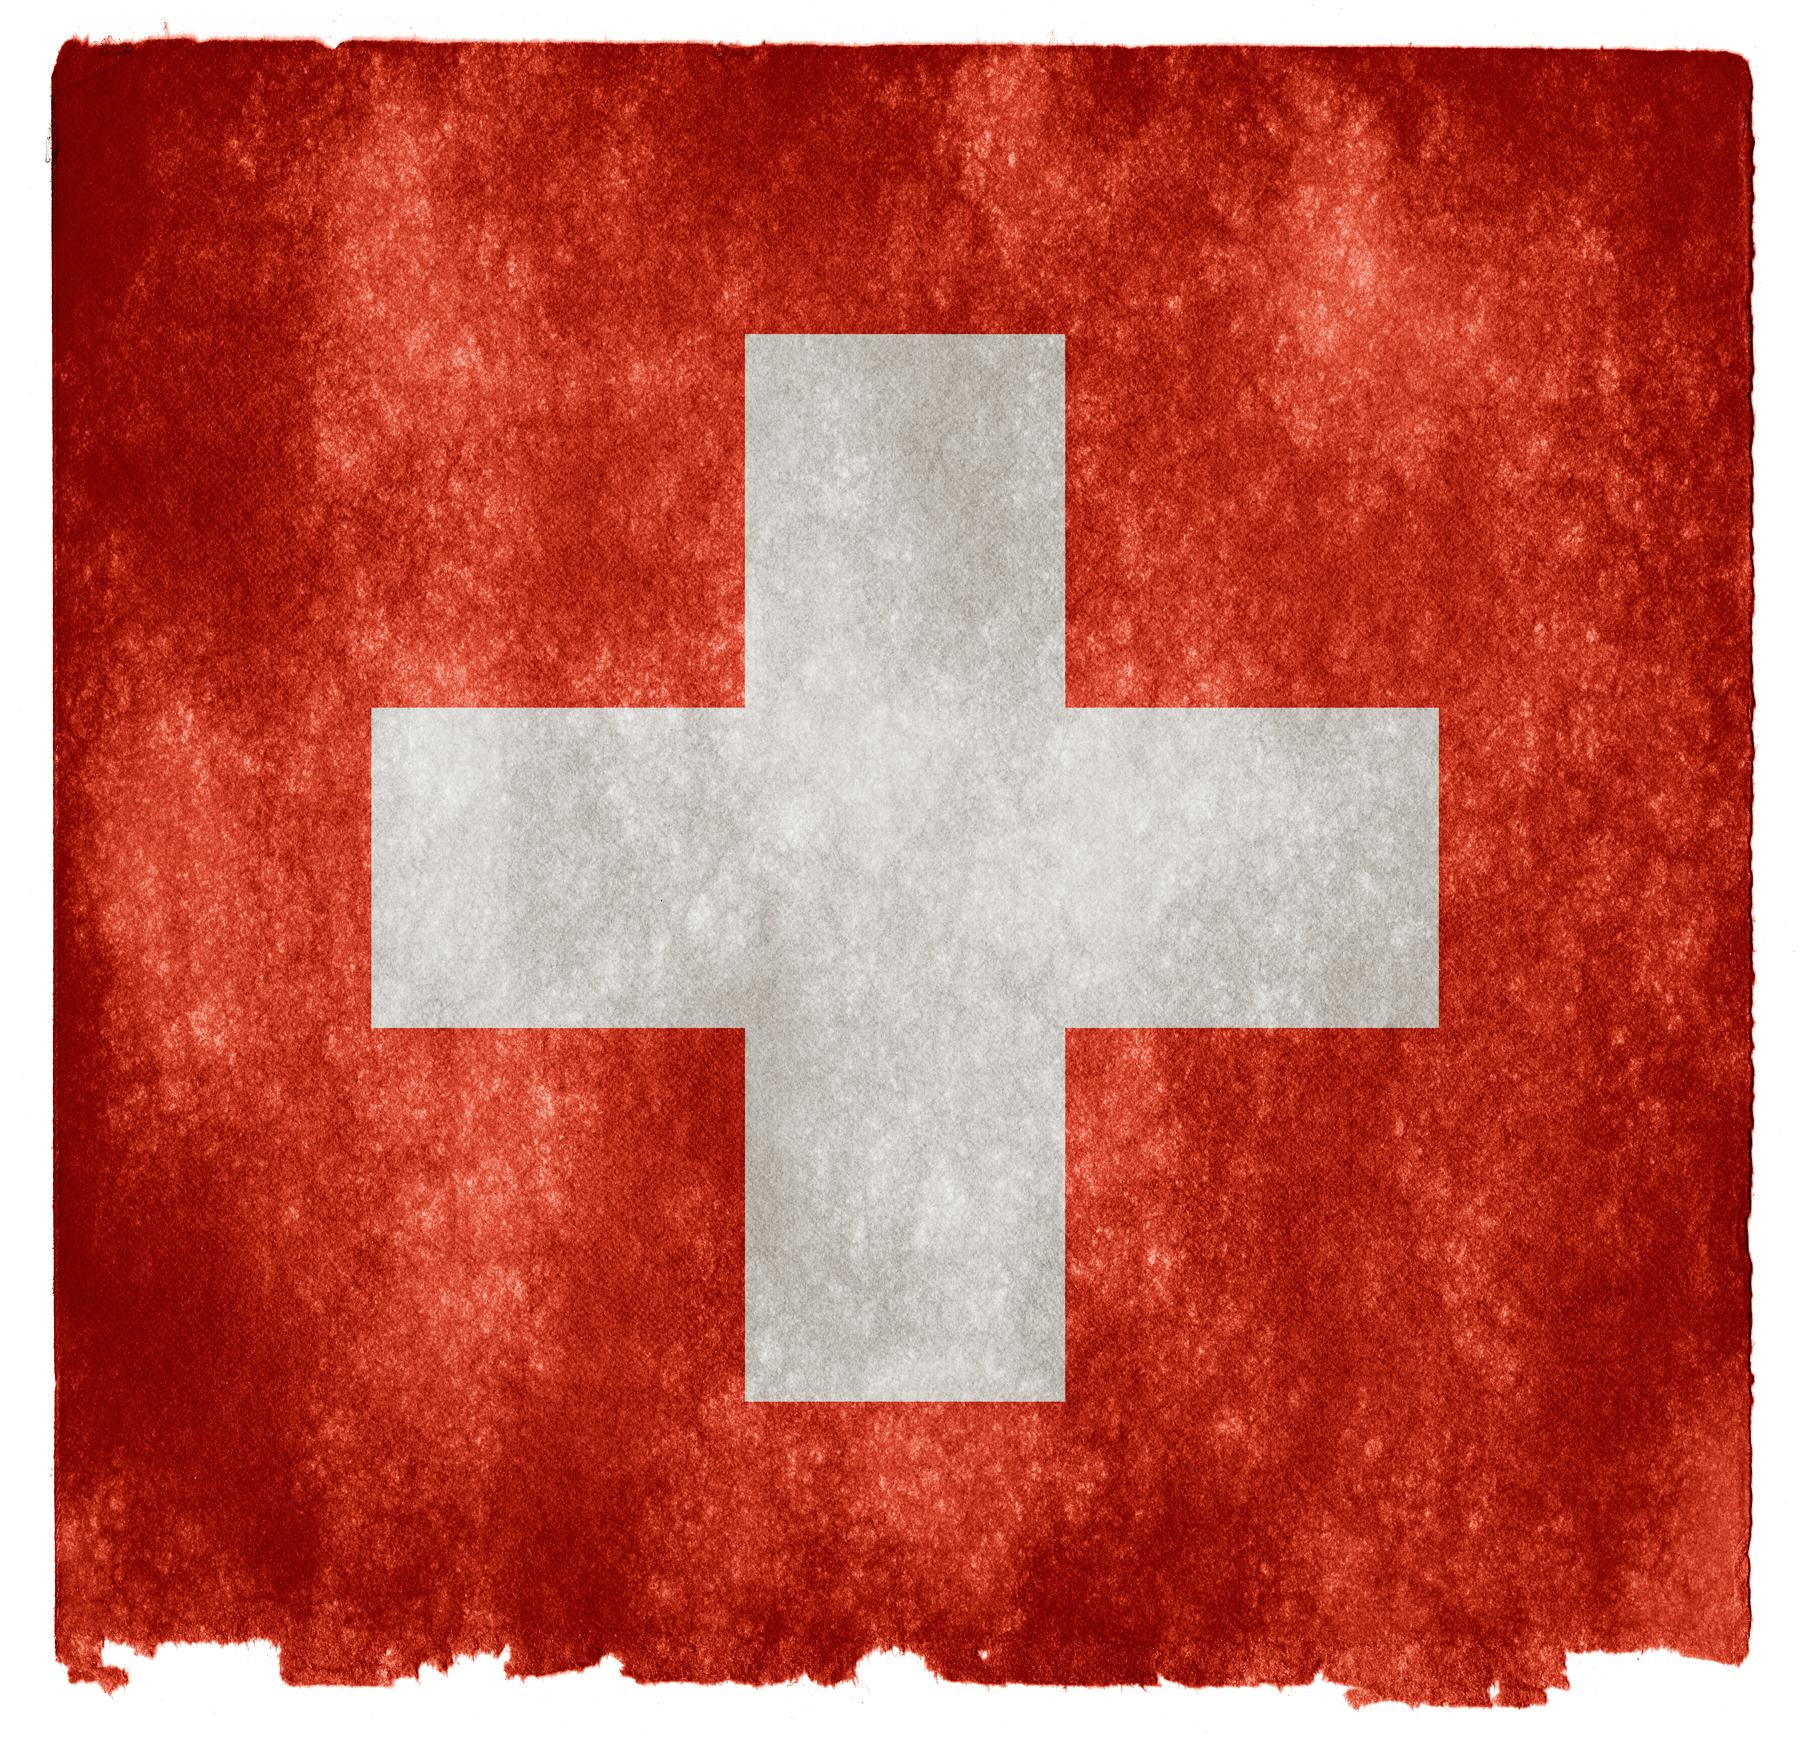 Suiza empieza a adoptar medidas contra el blanqueo de capitales